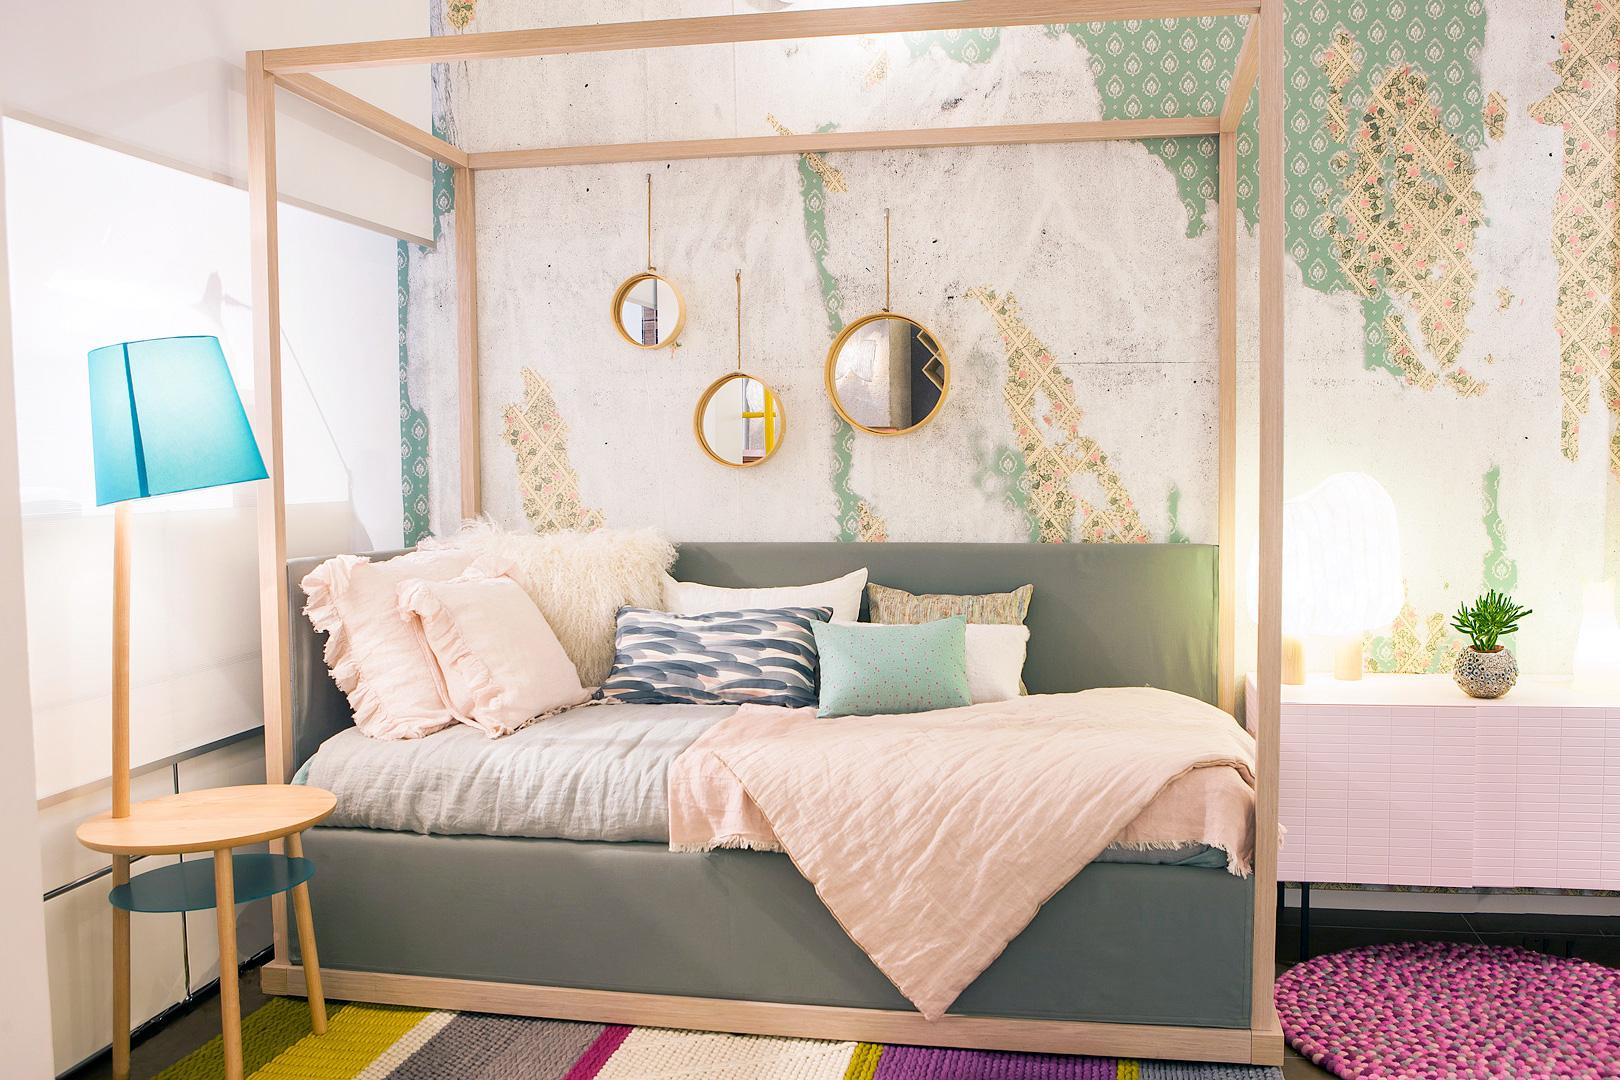 lit baldaquin fait maison tte de lit bois zara with lit. Black Bedroom Furniture Sets. Home Design Ideas